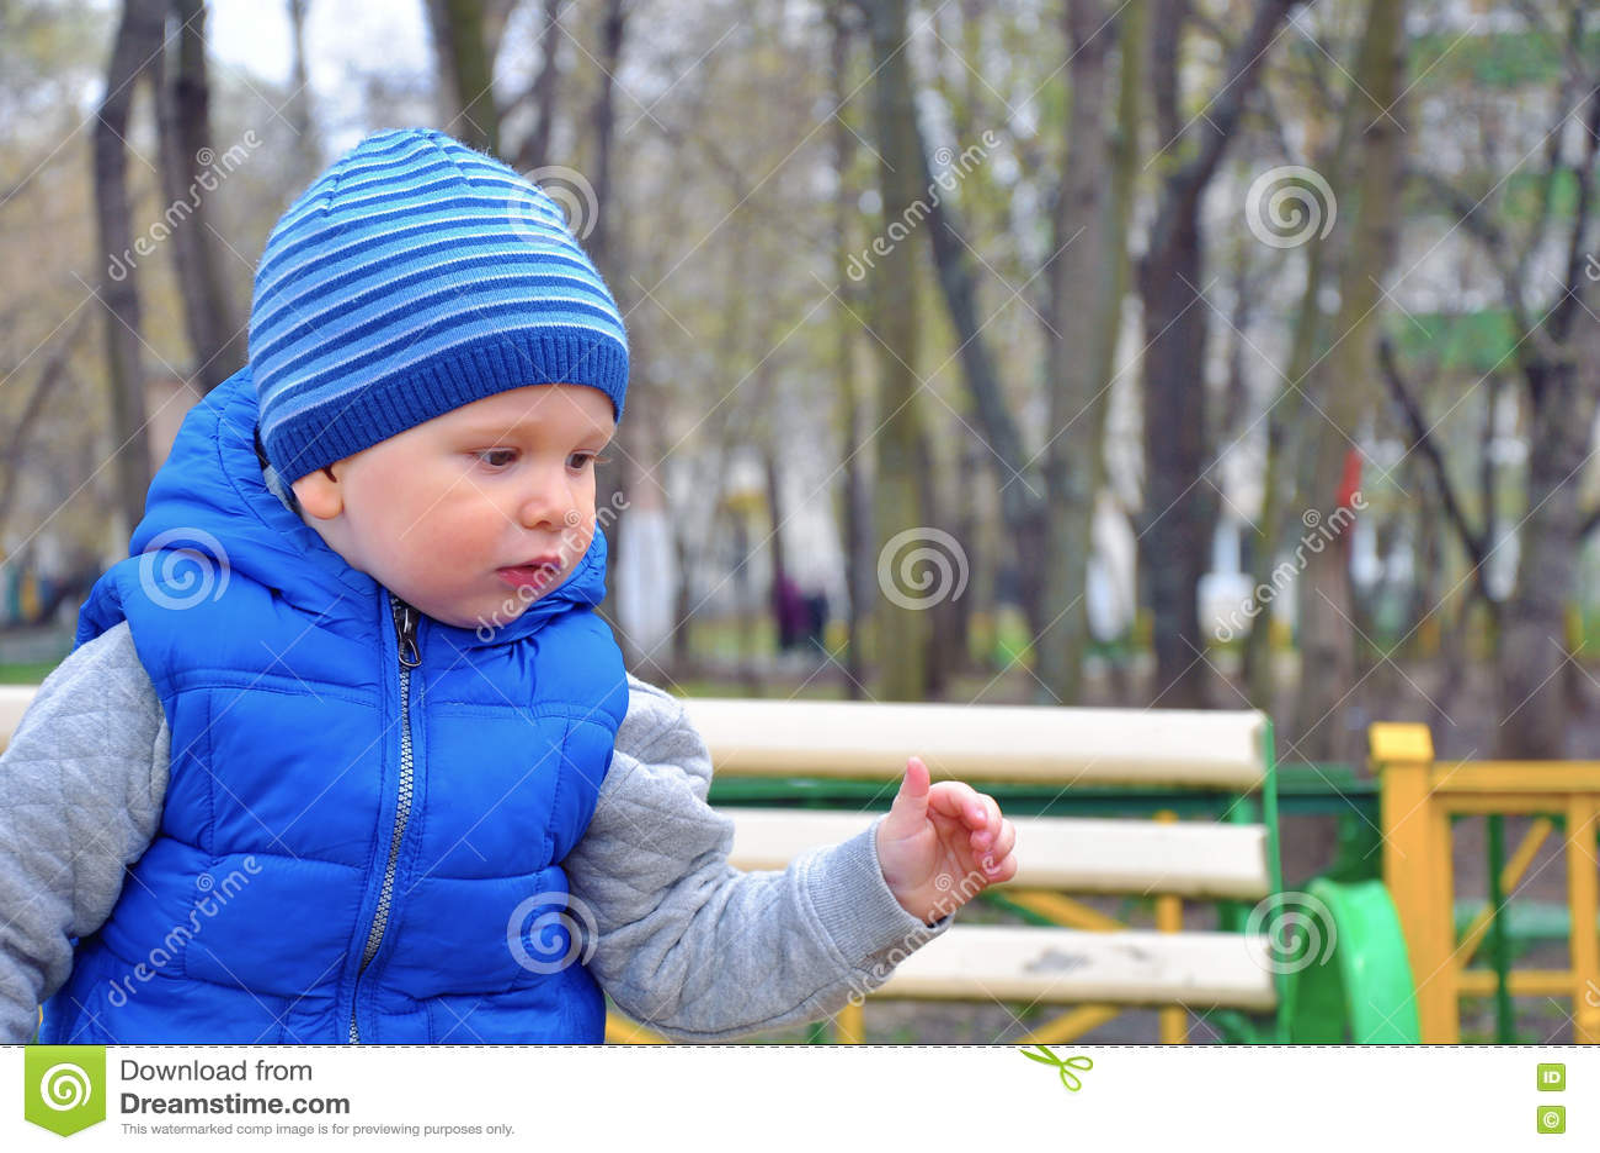 Πορτρέτο του μικρού συμπαθητικού αγοριού σε μια ΚΑΠ την πρώιμη άνοιξη